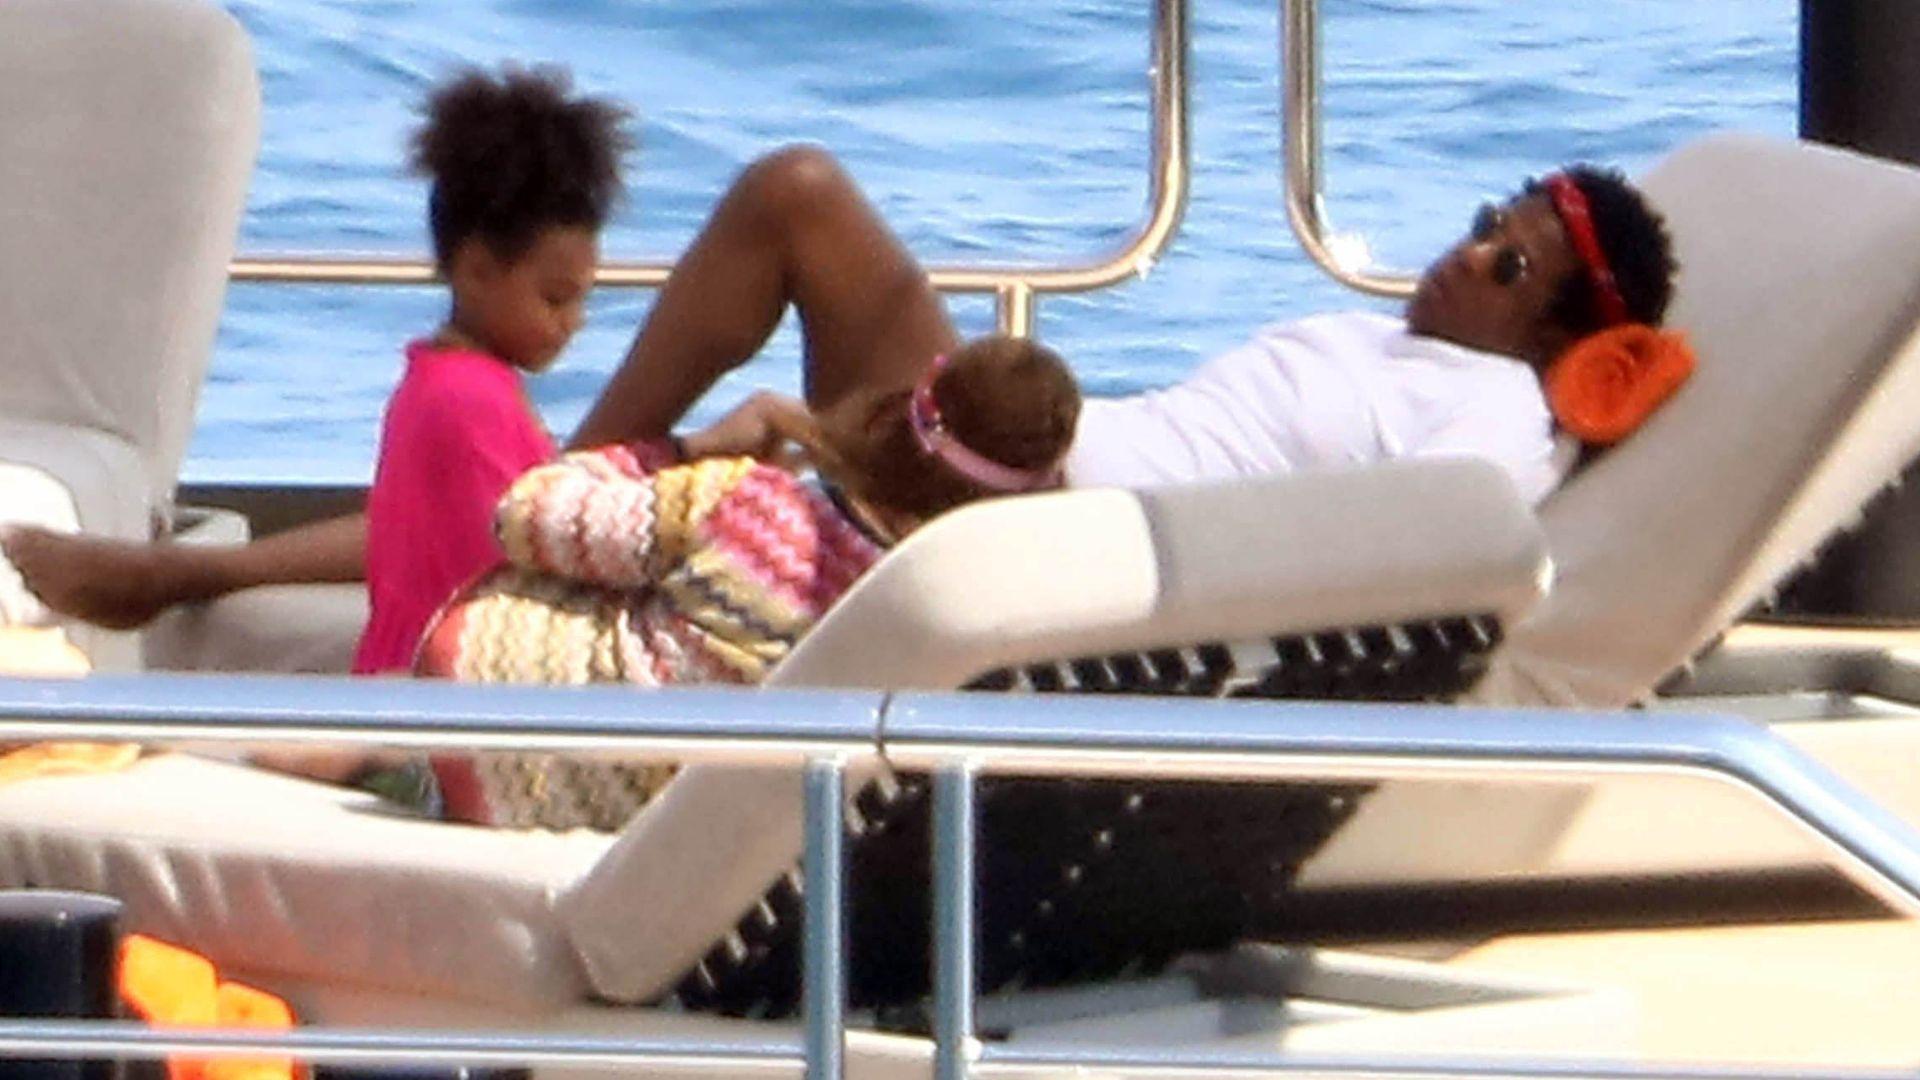 Tak trzeba odpoczywać po pracy – Beyonce na jachcie w basenie (ZDJĘCIA)